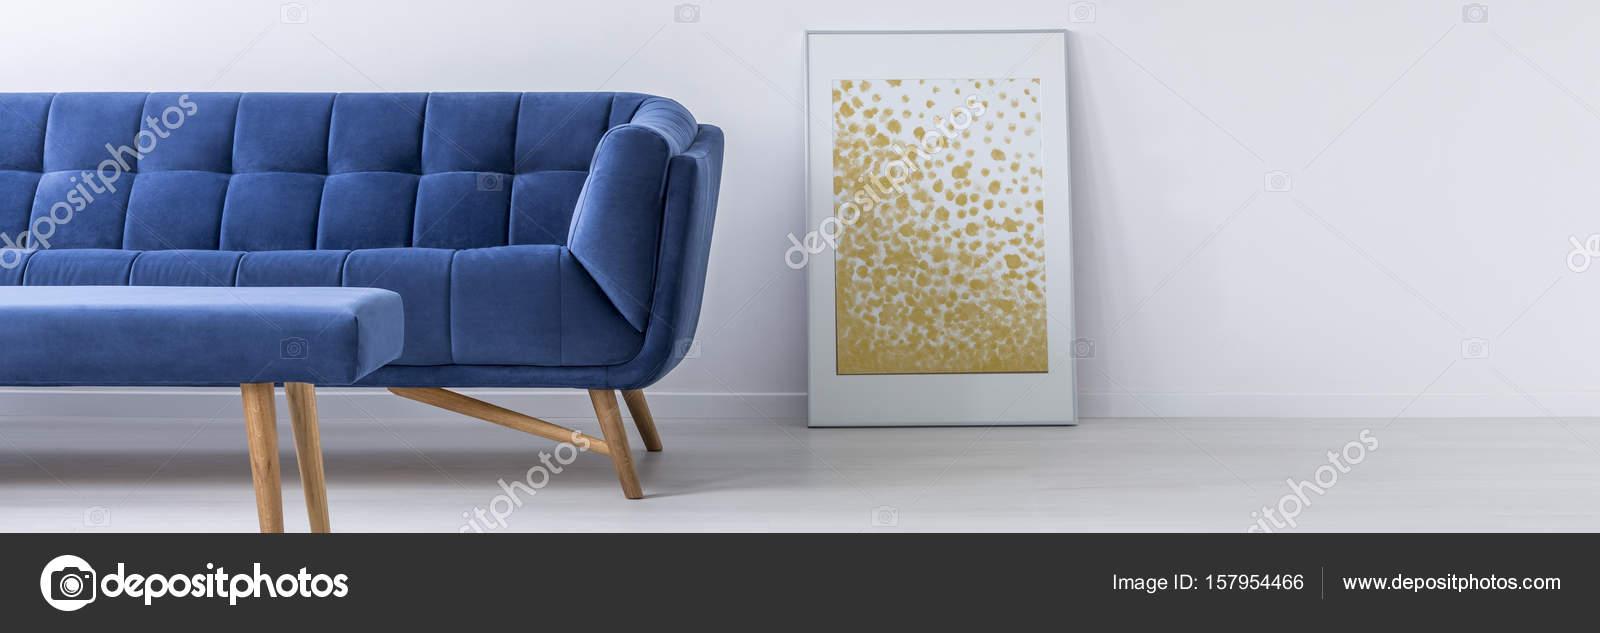 Sofa und Poster im Wohnzimmer — Stockfoto © photographee.eu #157954466